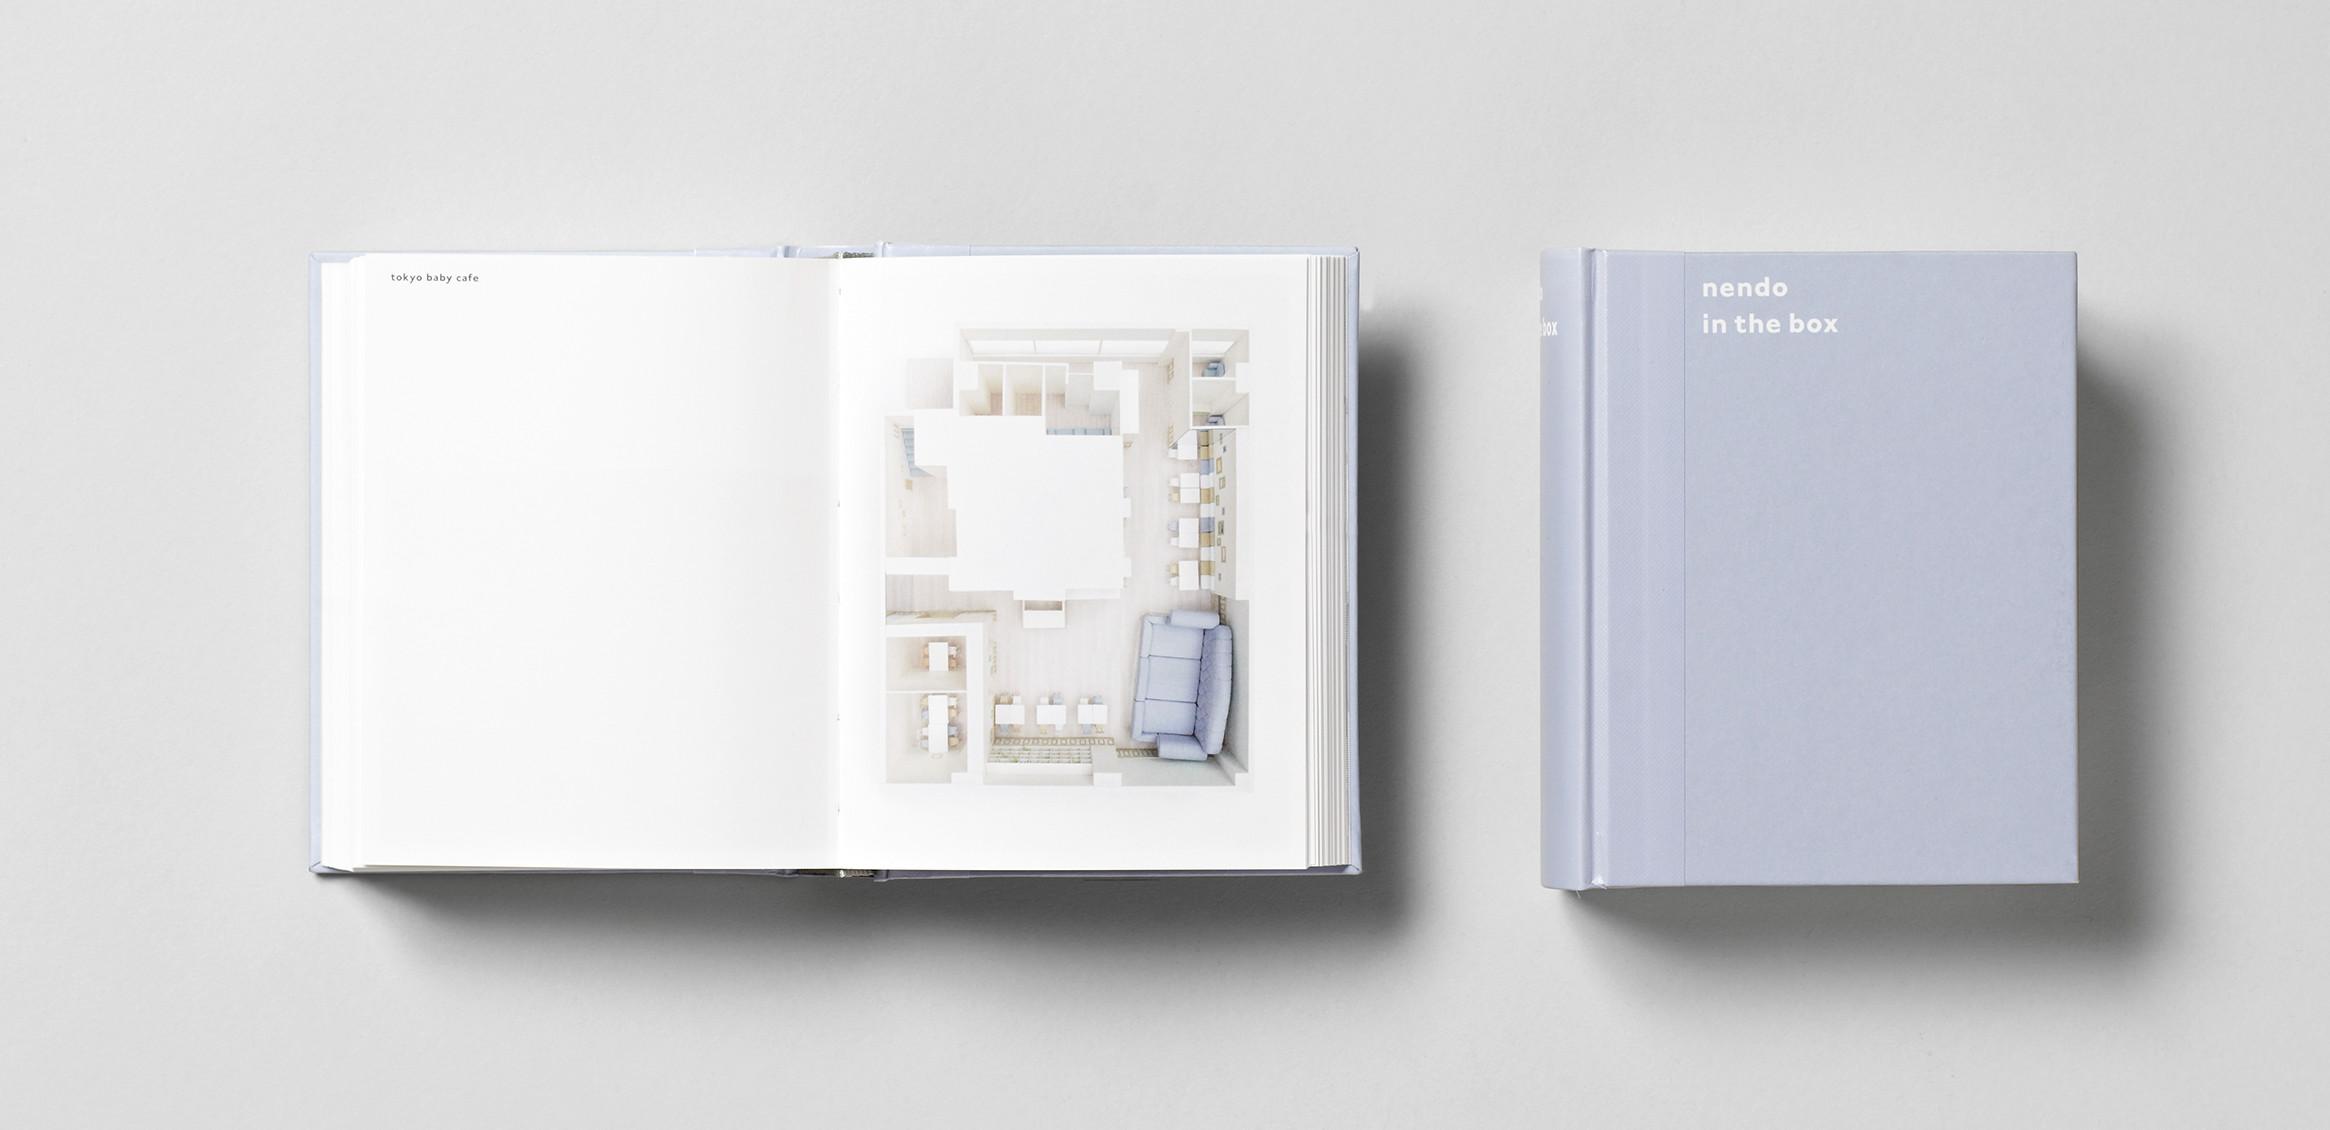 nendo: in the box2枚目